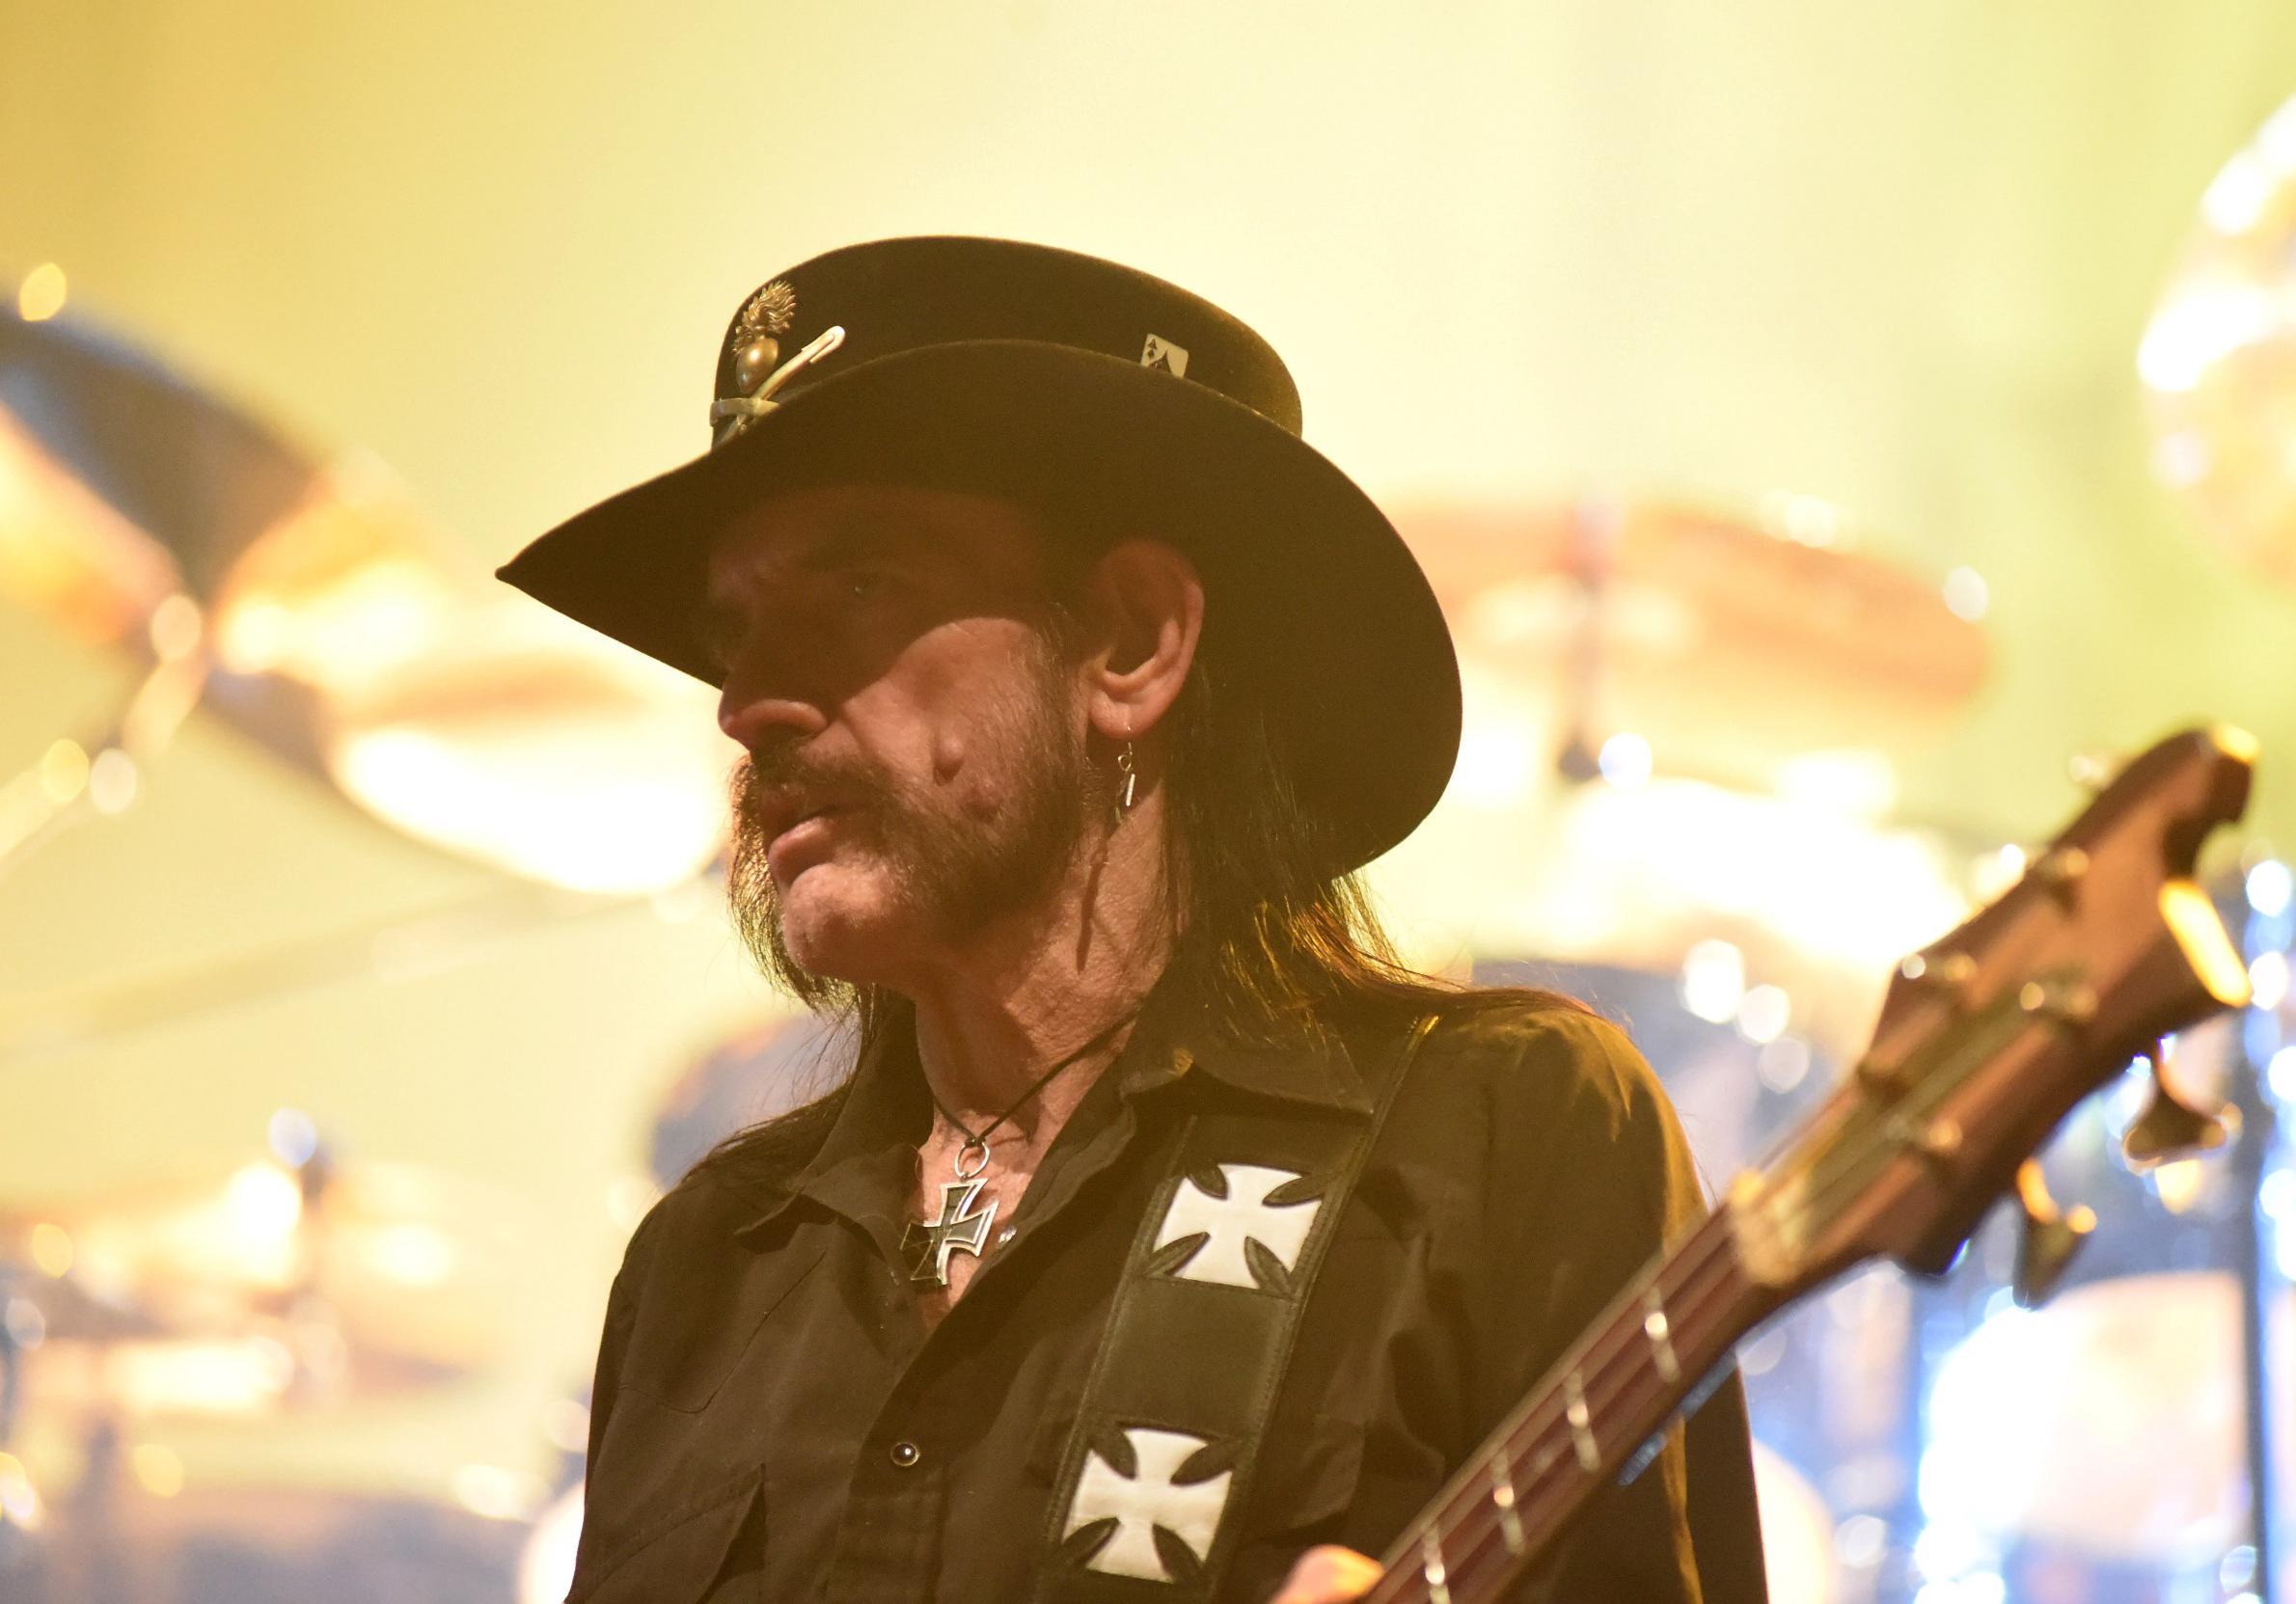 Ian Lemmy Kilmister, le chanteur de Motörhead, est mort